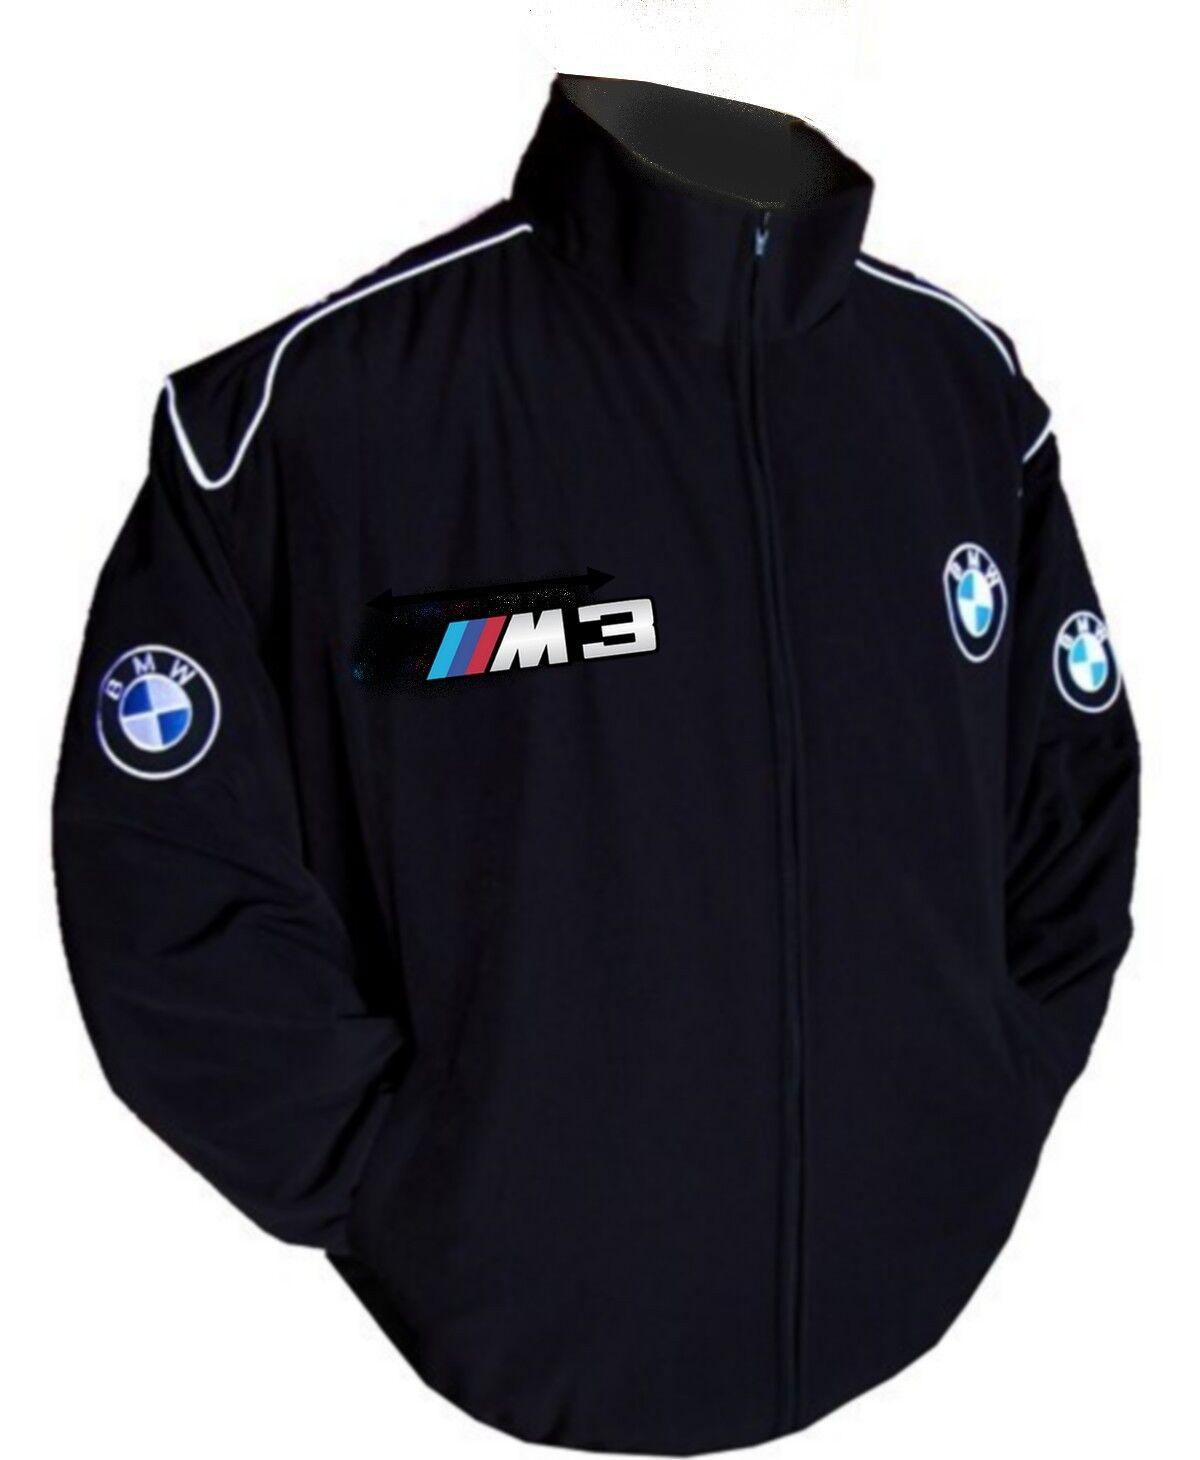 BMW-M3 - Chaqueta-cazadora-Jaquette.  BMW Serie.M3. todo equipo de Cochereras con el logotipo en Brodery  primera reputación de los clientes primero